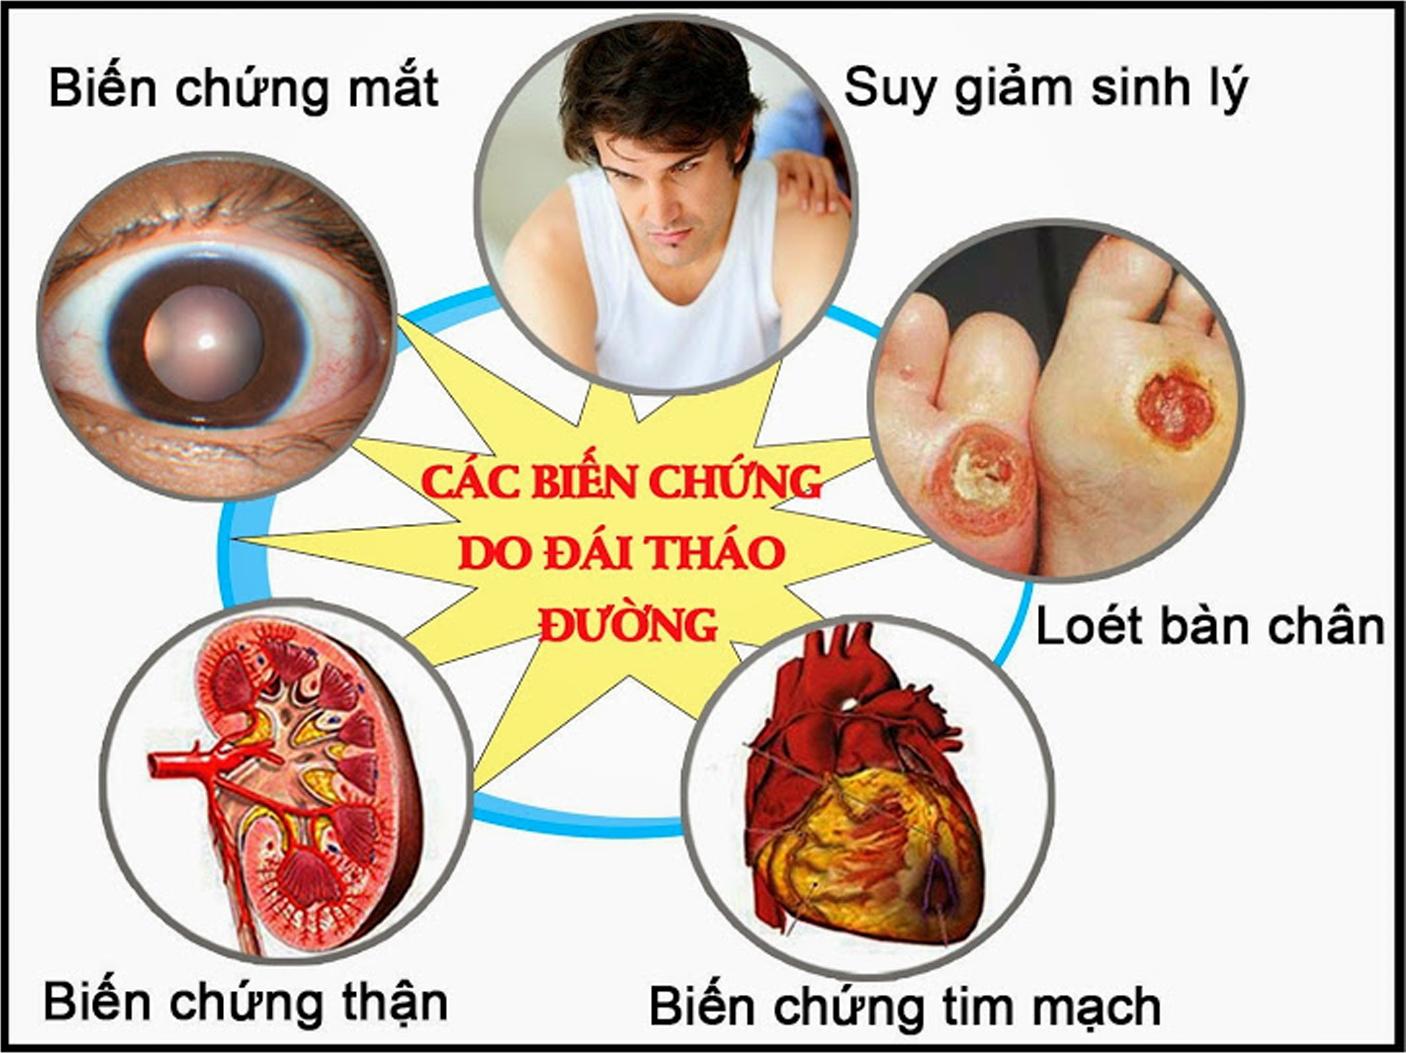 Các biến chứng của bệnh đái tháo đường - Ảnh: http://tytphuongbinhtridong.medinet.gov.vn